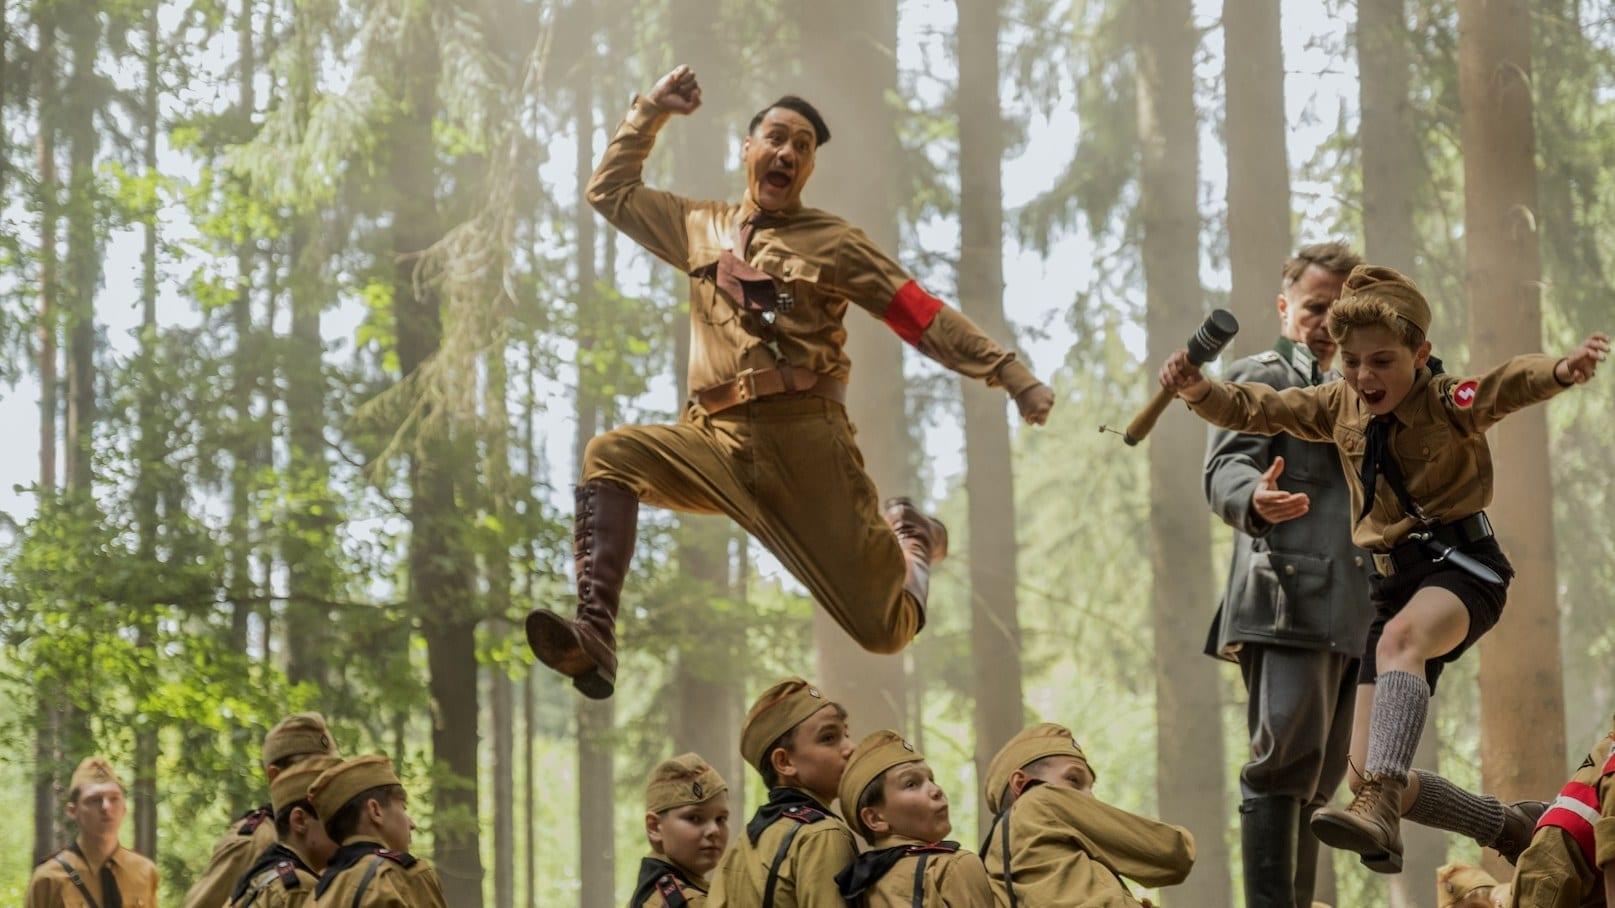 """Film News: Hitler Satire """"Jojo Rabbit"""" Scoops Top Prize at TIFF"""